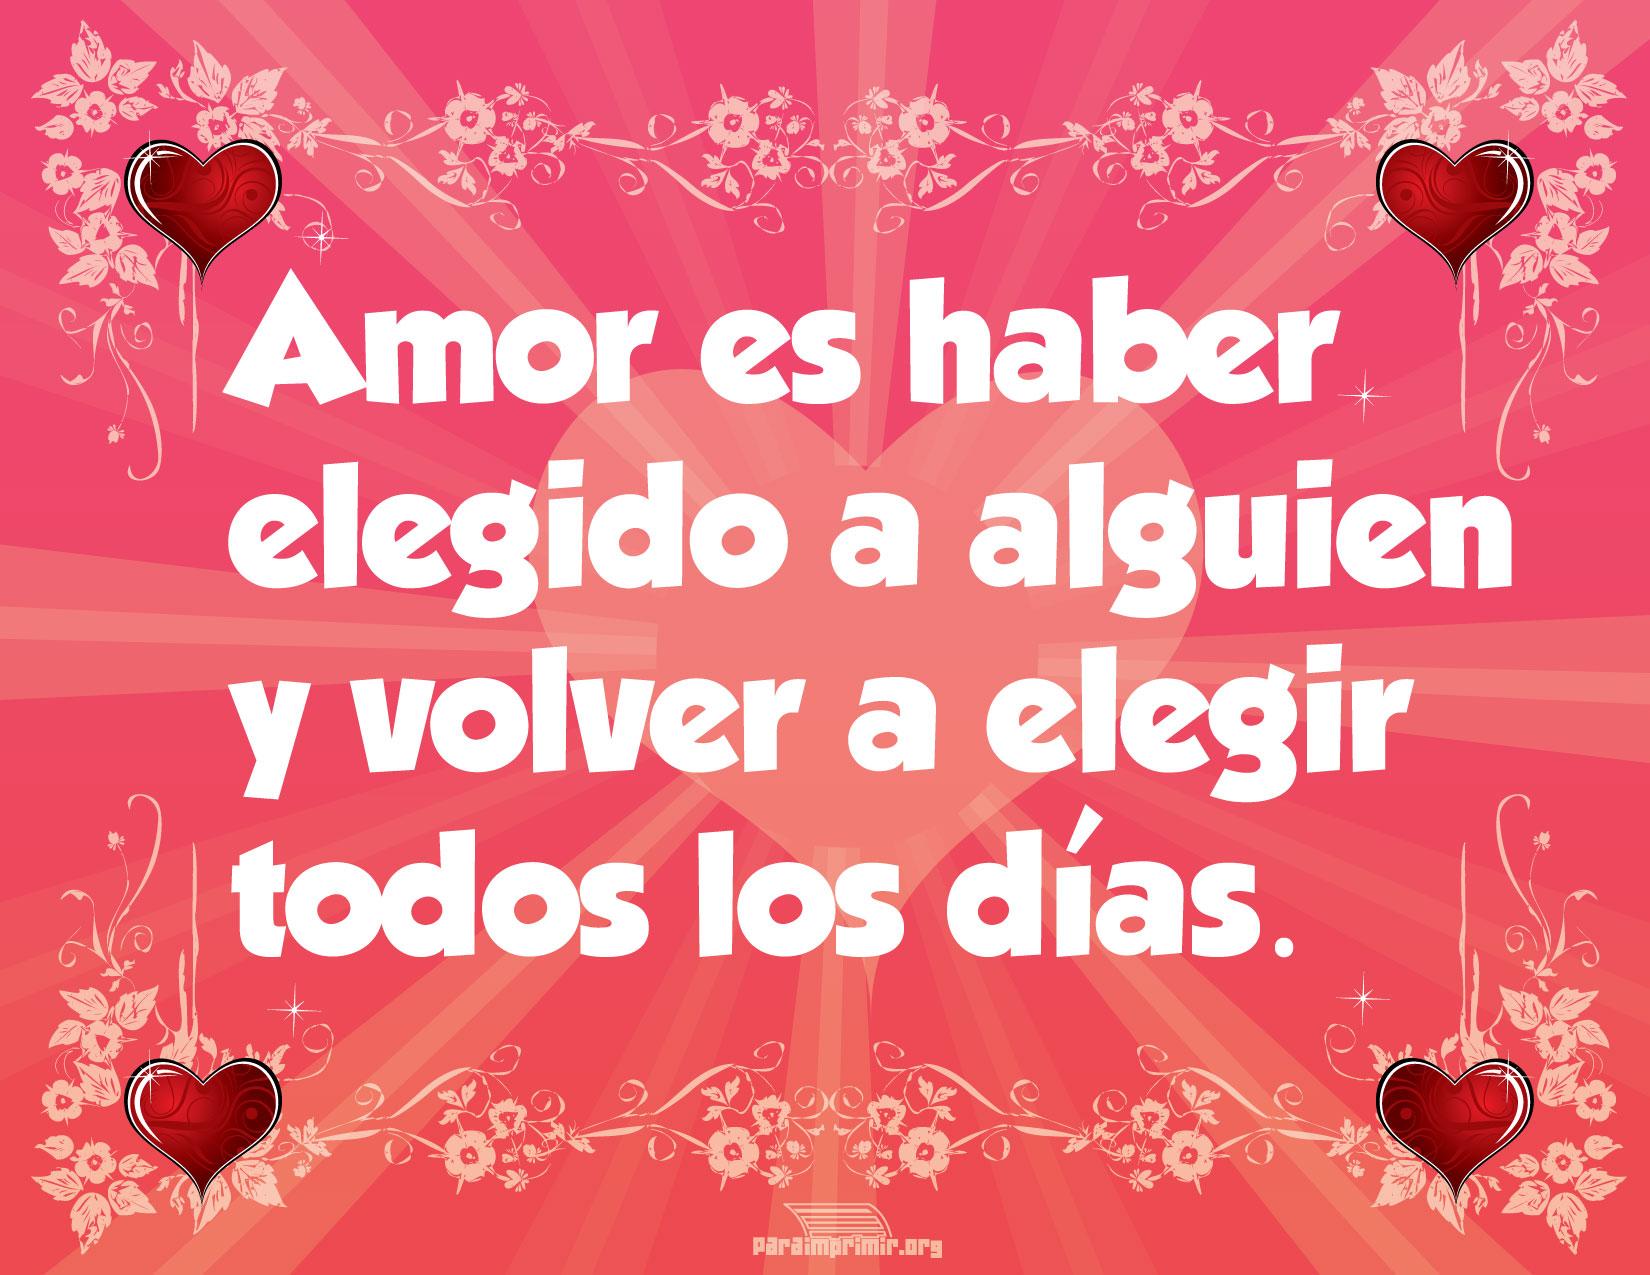 Frases De Amor Bonitas Y Románticas Con Imágenes Para: Frase De Amor Para Imprimir